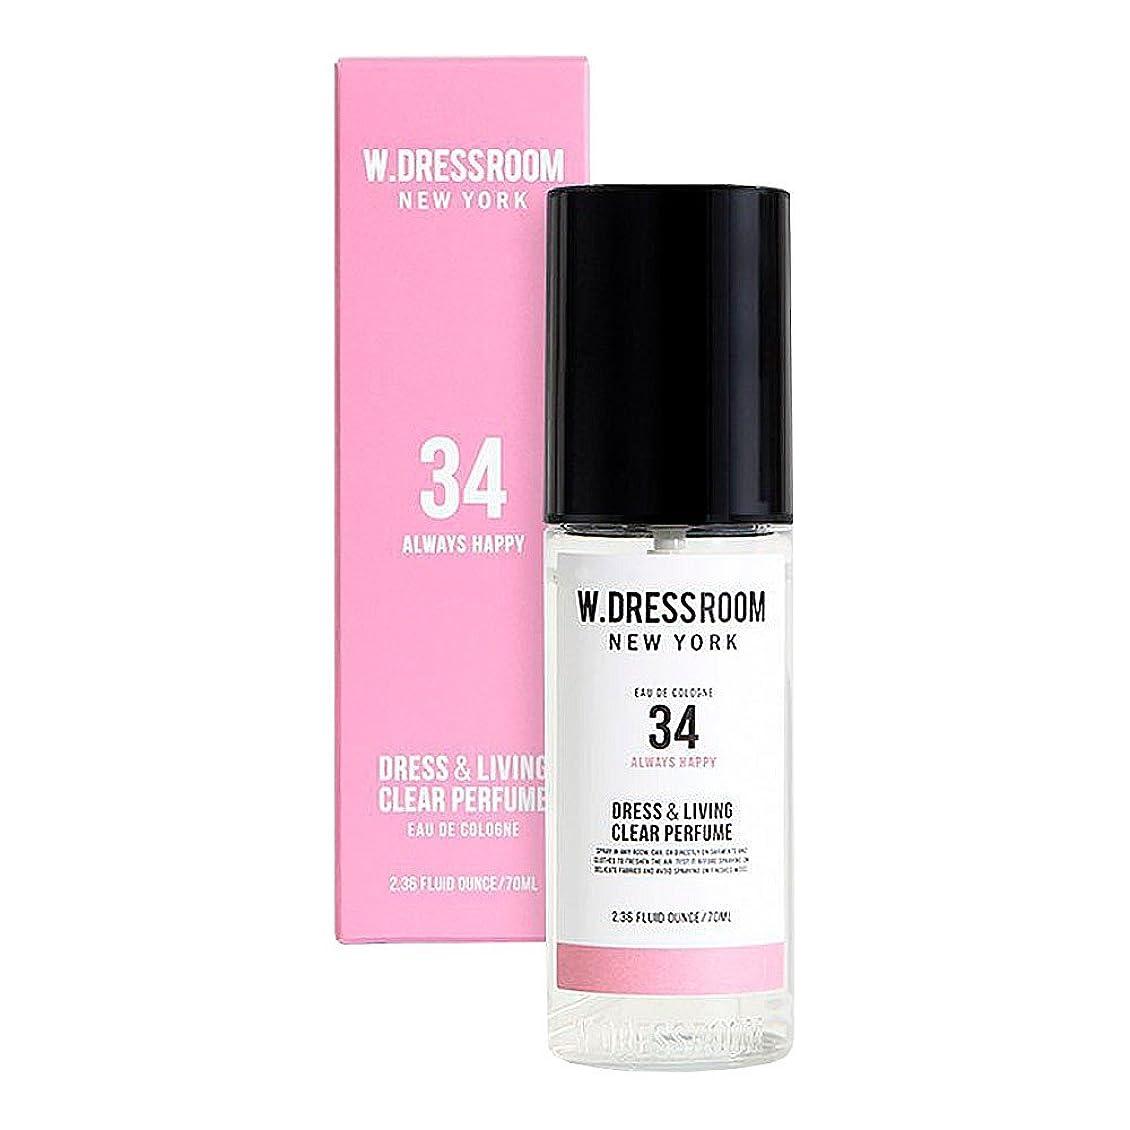 透ける想像力豊かなグリップW.DRESSROOM Dress & Living Clear Perfume fragrance 70ml (#No.34 Always Happy)/ダブルドレスルーム ドレス&リビング クリア パフューム 70ml (#No.34 Always Happy)